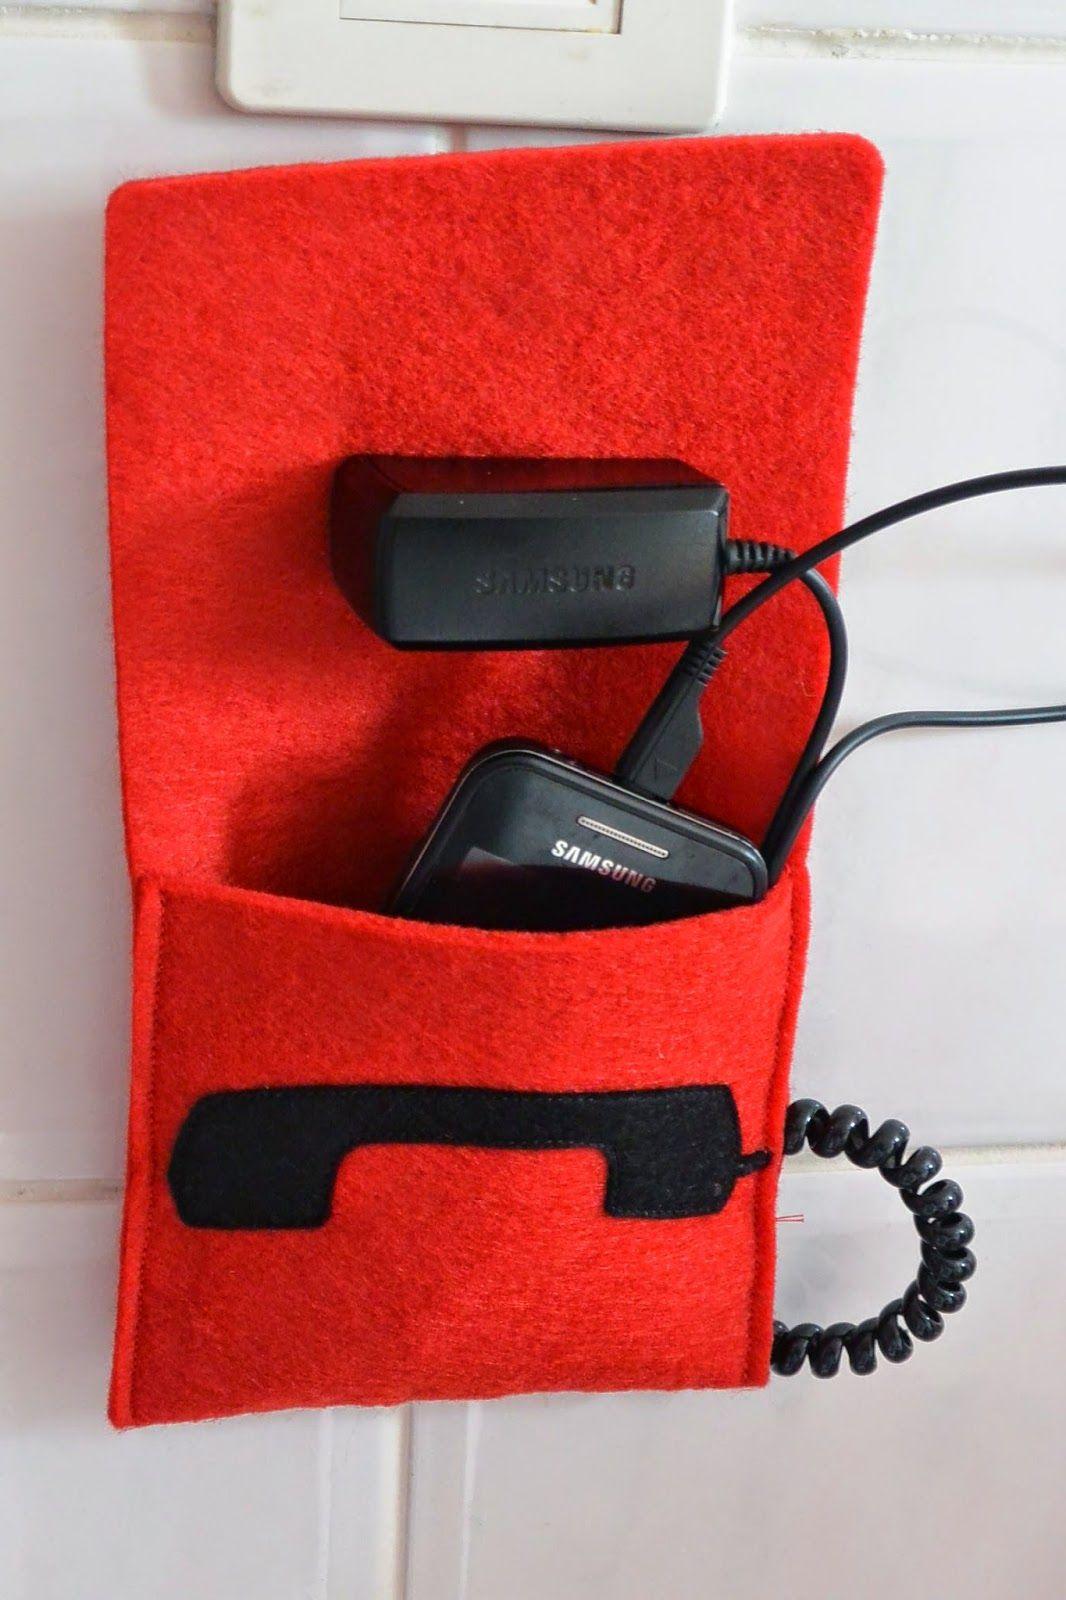 Housse   étui personnalisée faite main en feutrine utilisable pour chargeur  tout téléphone. 5e6b9ead2b9